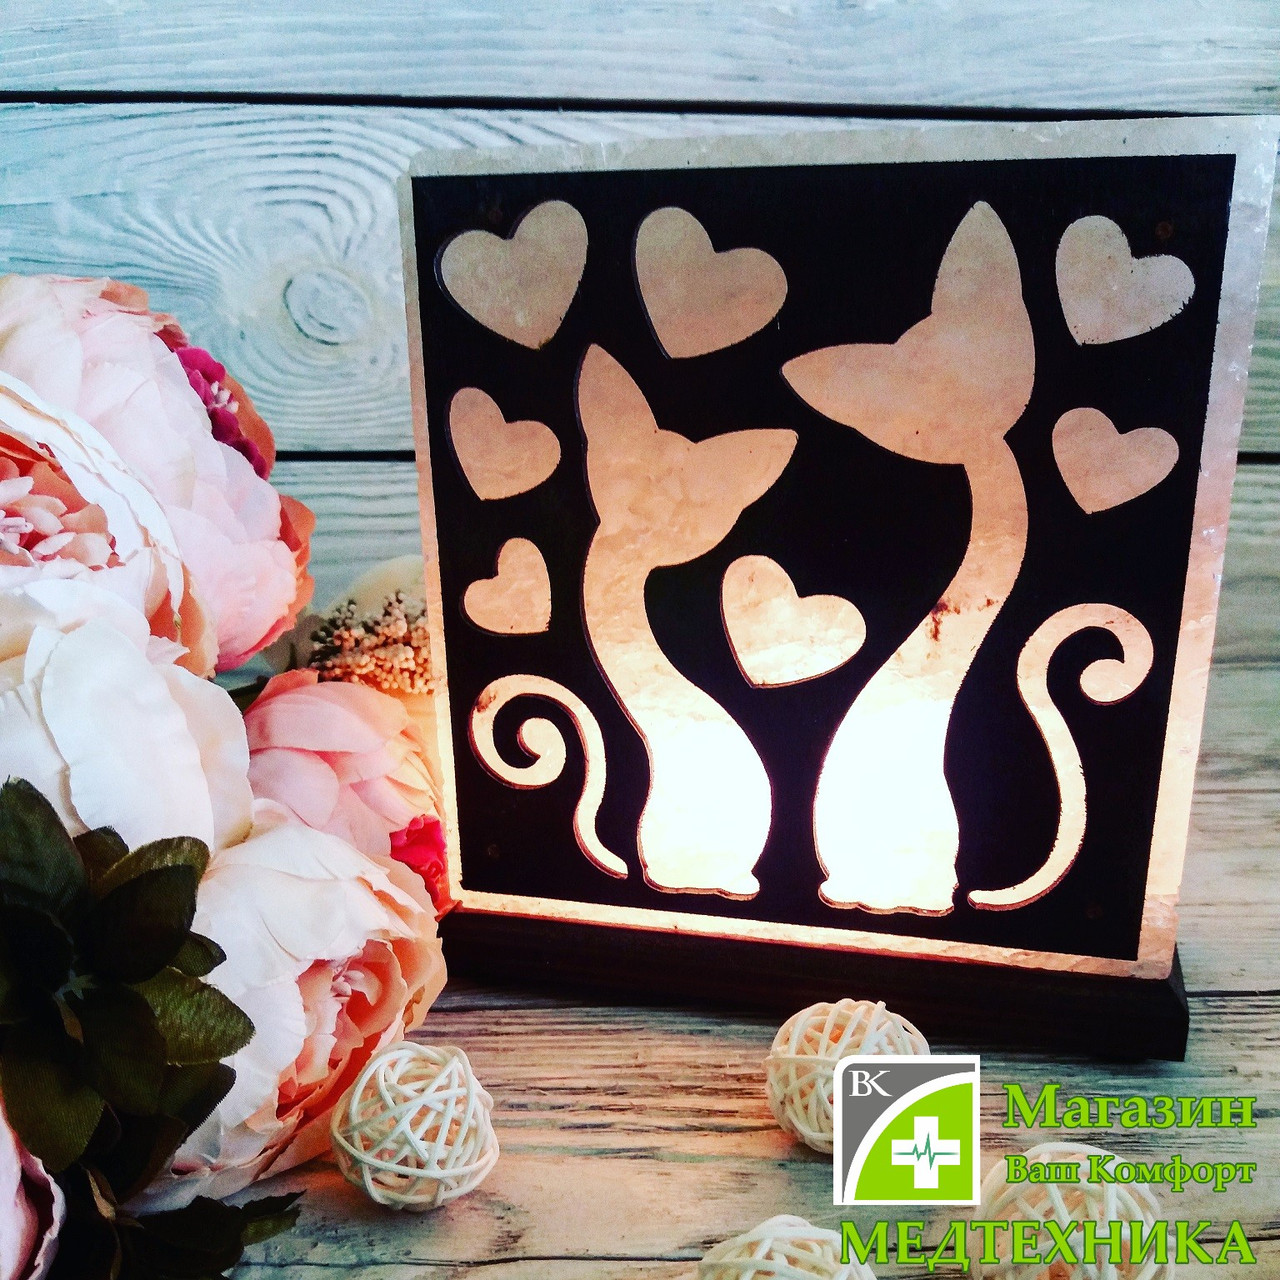 Соляная лампа «Влюбленные коты» 3-4 кг